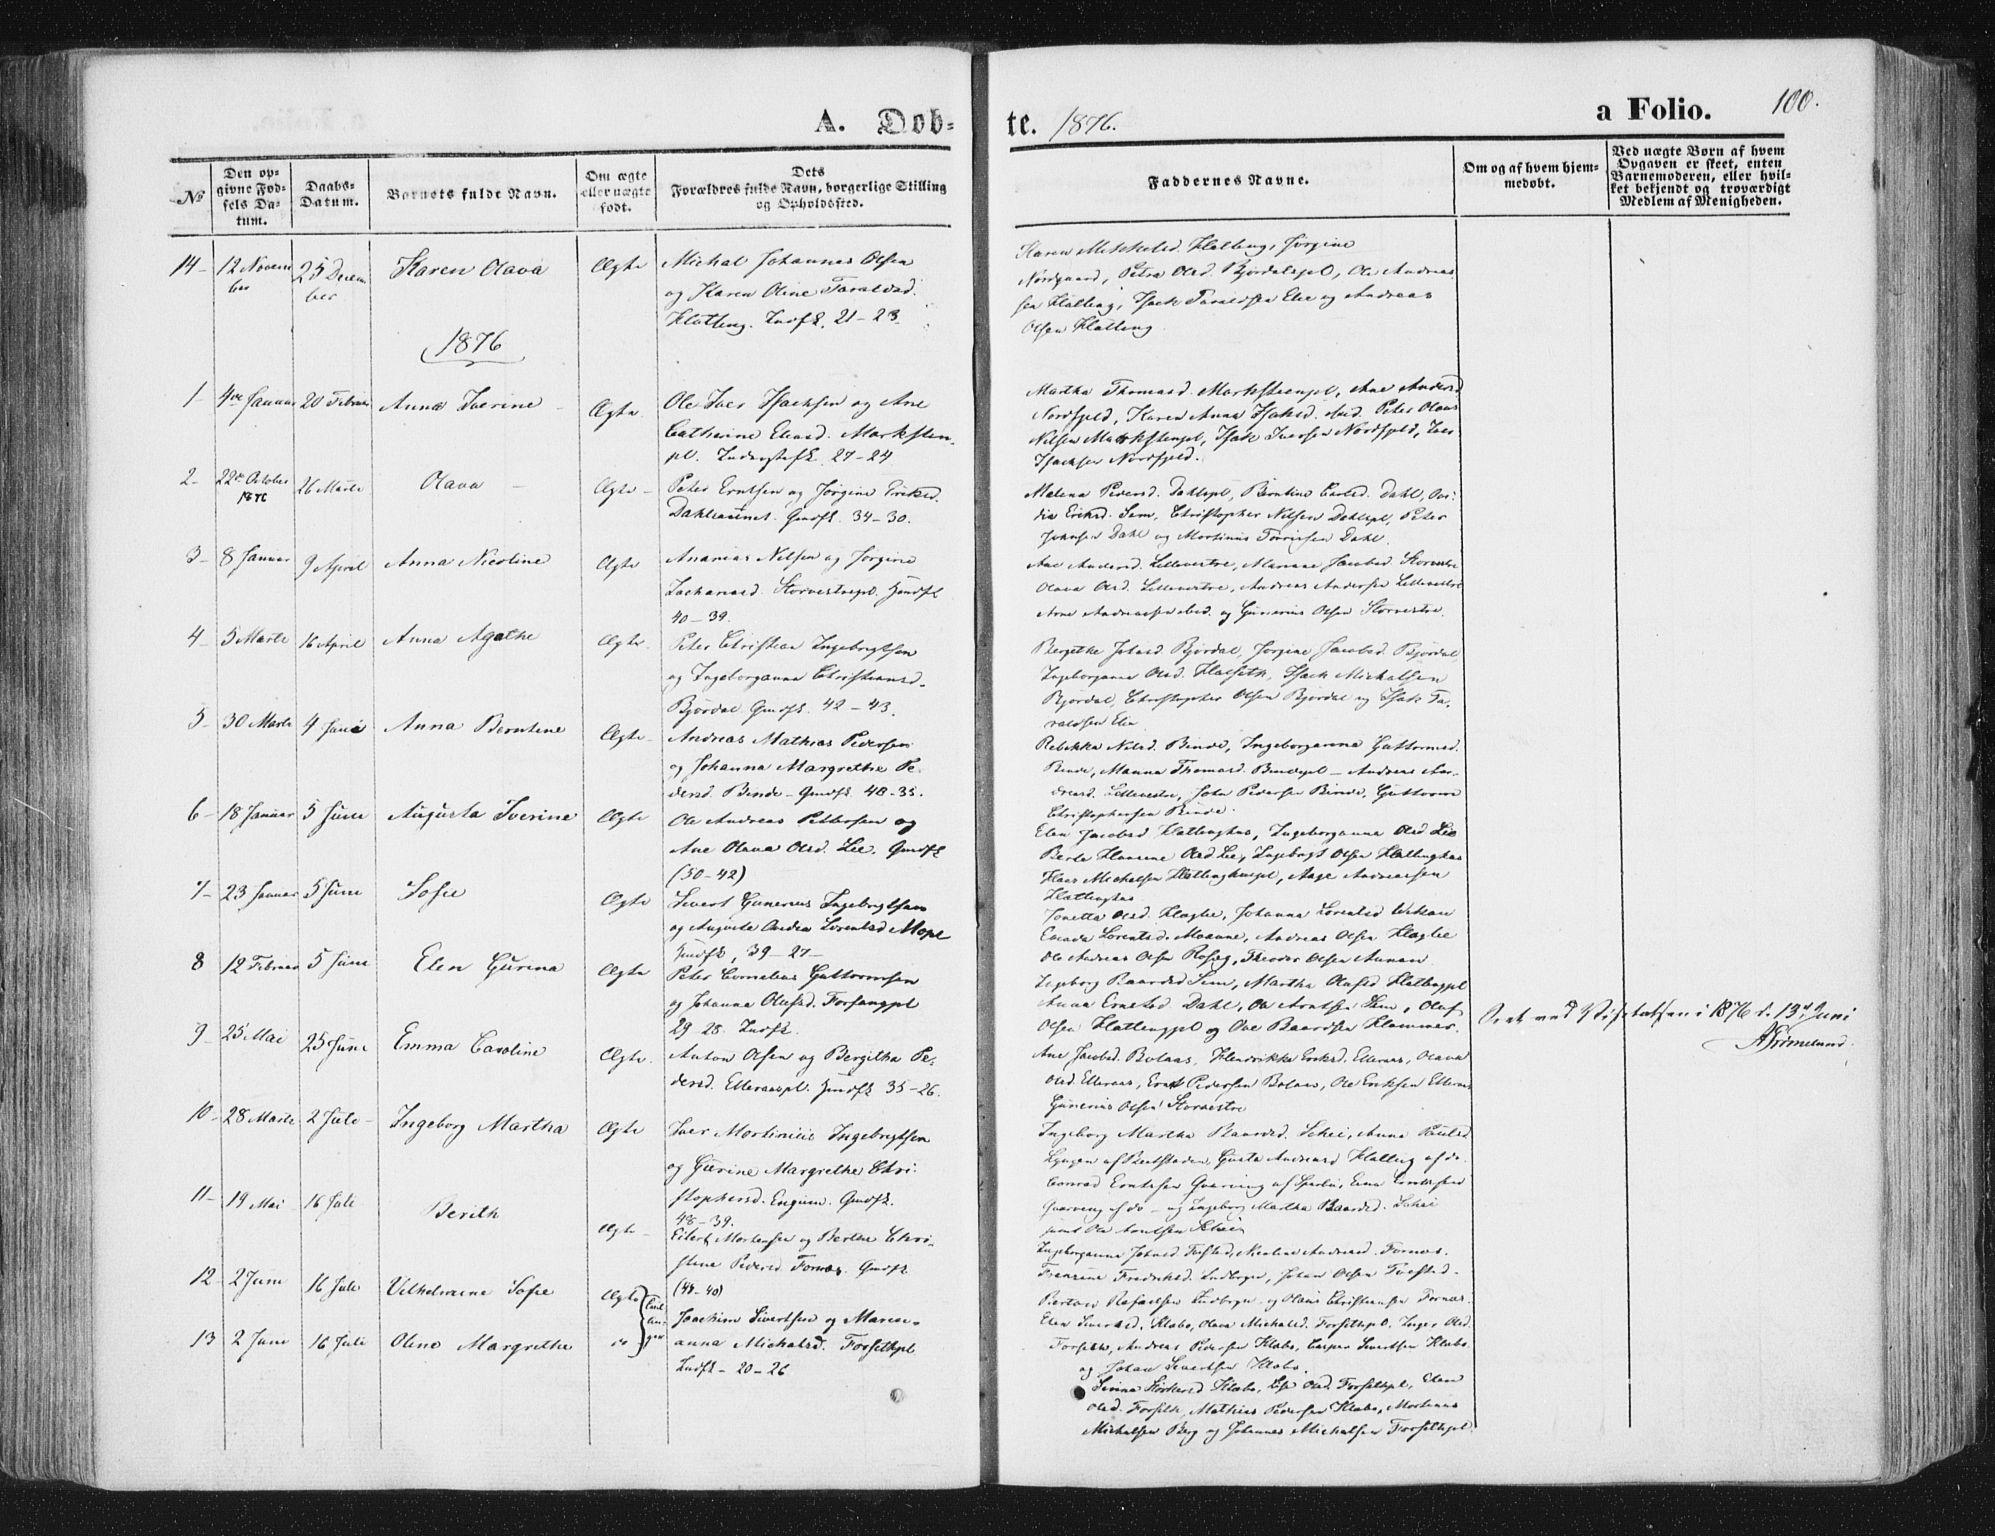 SAT, Ministerialprotokoller, klokkerbøker og fødselsregistre - Nord-Trøndelag, 746/L0447: Ministerialbok nr. 746A06, 1860-1877, s. 100